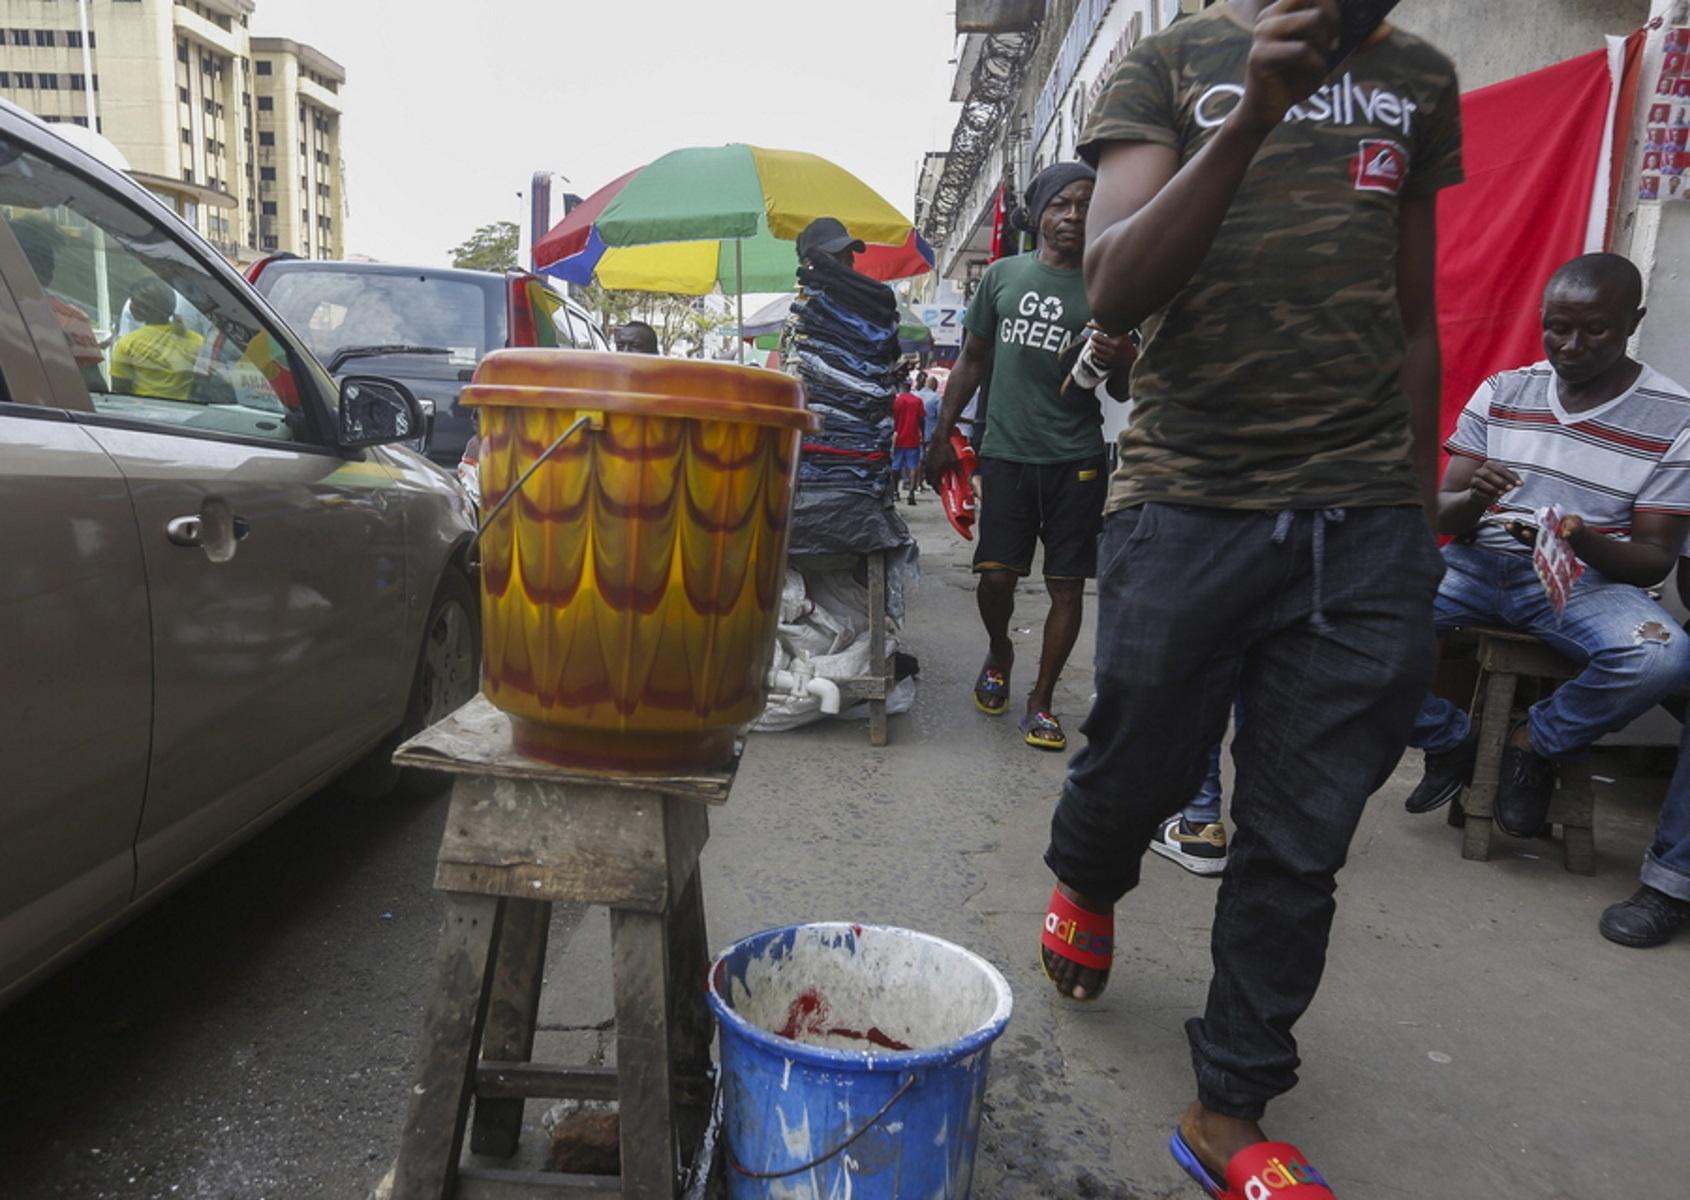 Ο μολυσματικός ιός Μάρμπουργκ «χτύπησε» τη Δυτική Αφρική